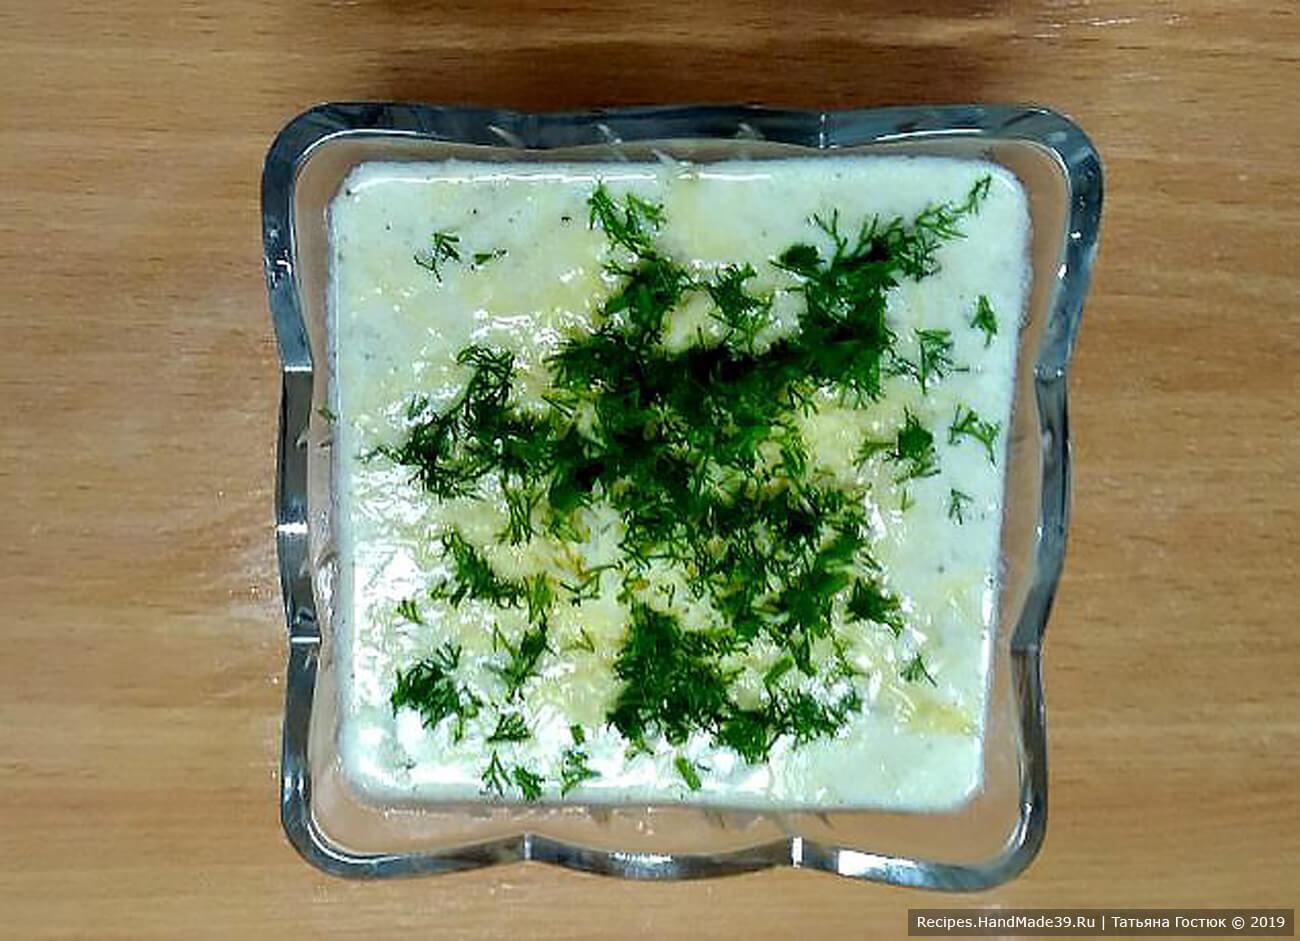 Перед подачей можно измельчить всё с помощью блендера, а можно подавать и так, просто украсив зеленью. Приятного аппетита!